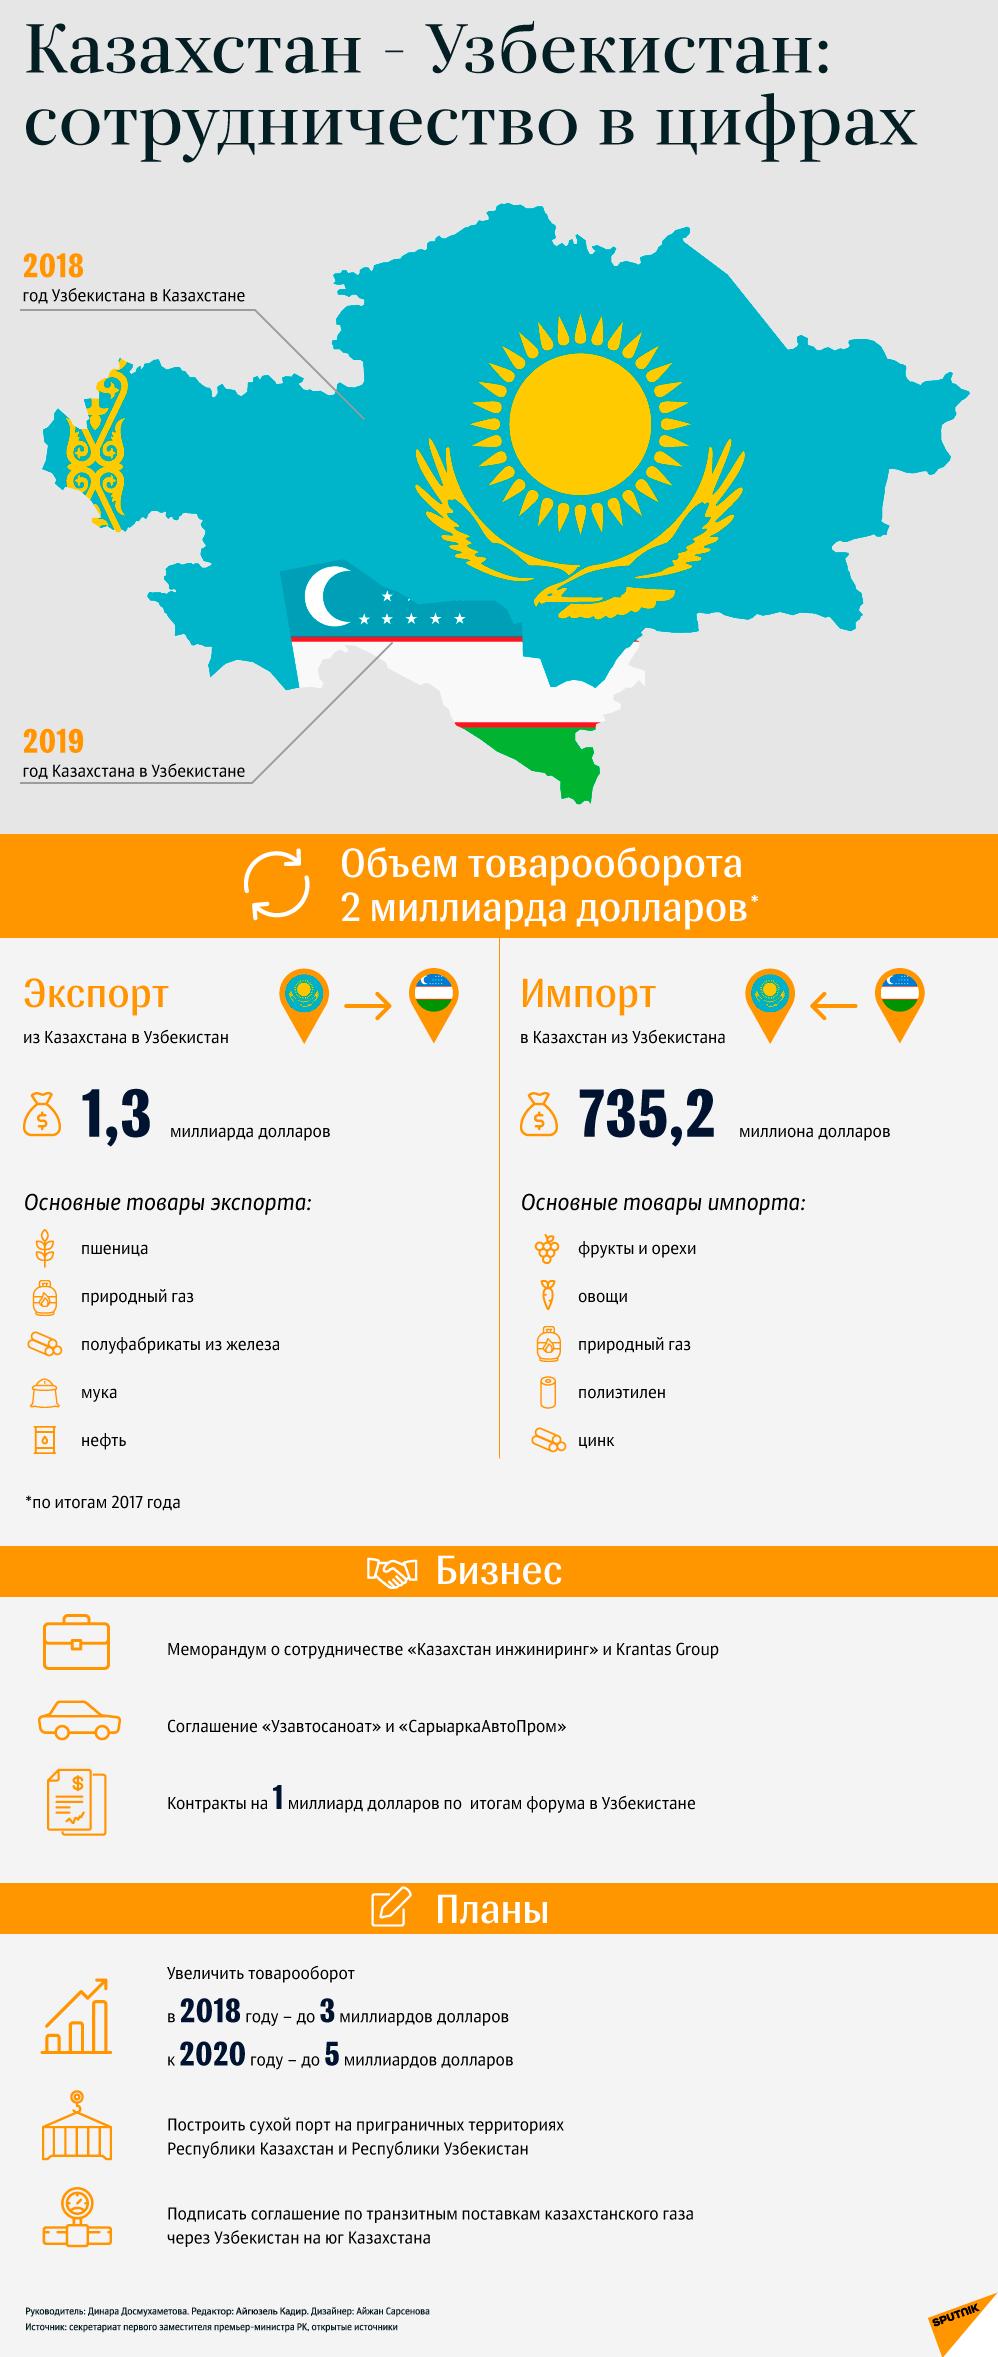 Казахстан и Узбекистан - сотрудничество  в цифрах